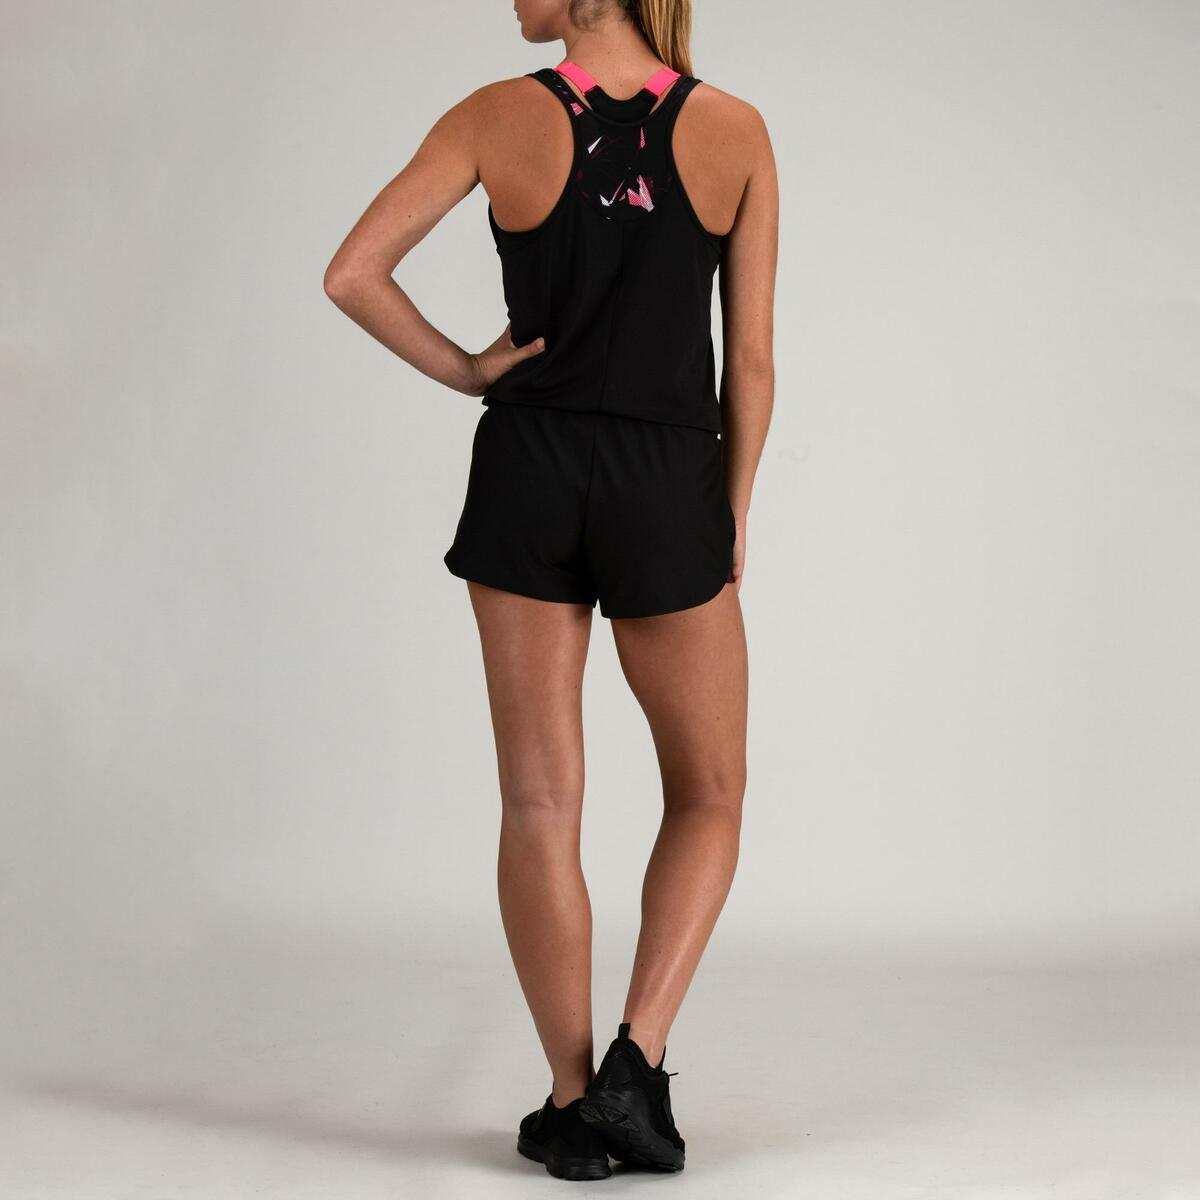 Bild 4 von Jumpsuit FJS 500 Cardio Fitness Damen schwarz